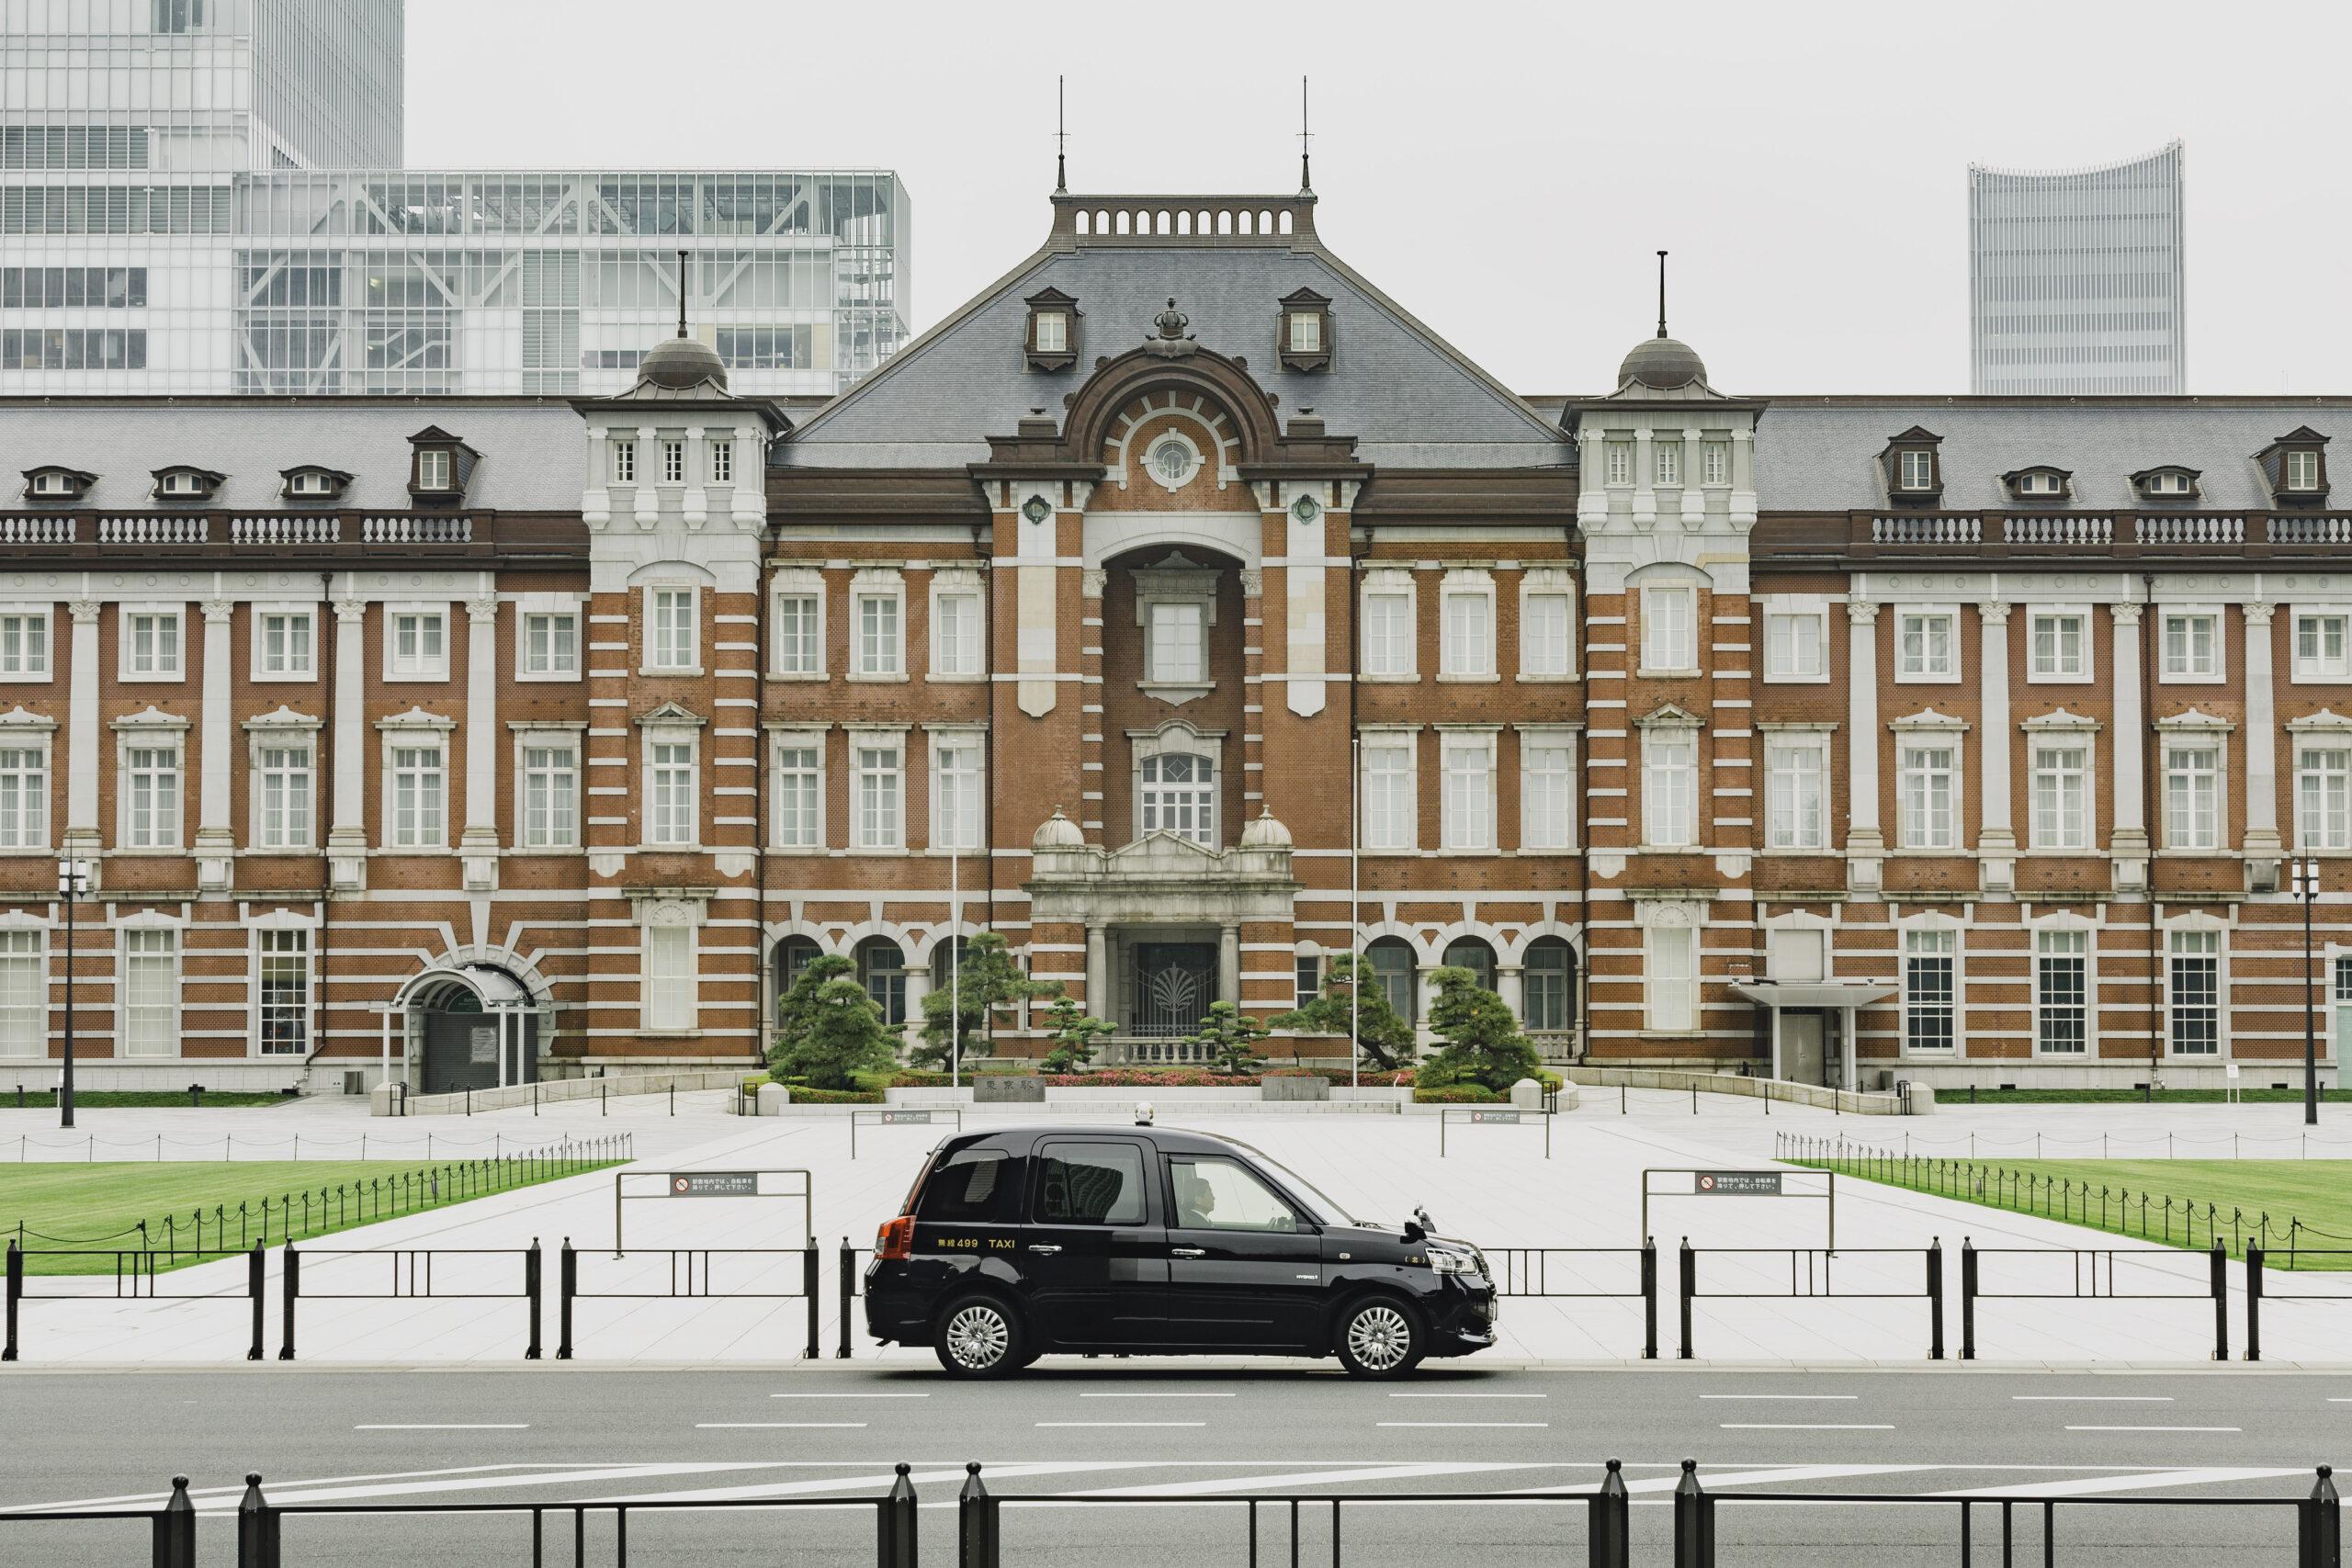 東京・国内設置台数No.1※のタクシー・サイネージメディア「Tokyo Prime」、 ヴィスタコミュニケーションズ株式会社が運営するタクシーシェルター広告とのセットメニューの提供を開始